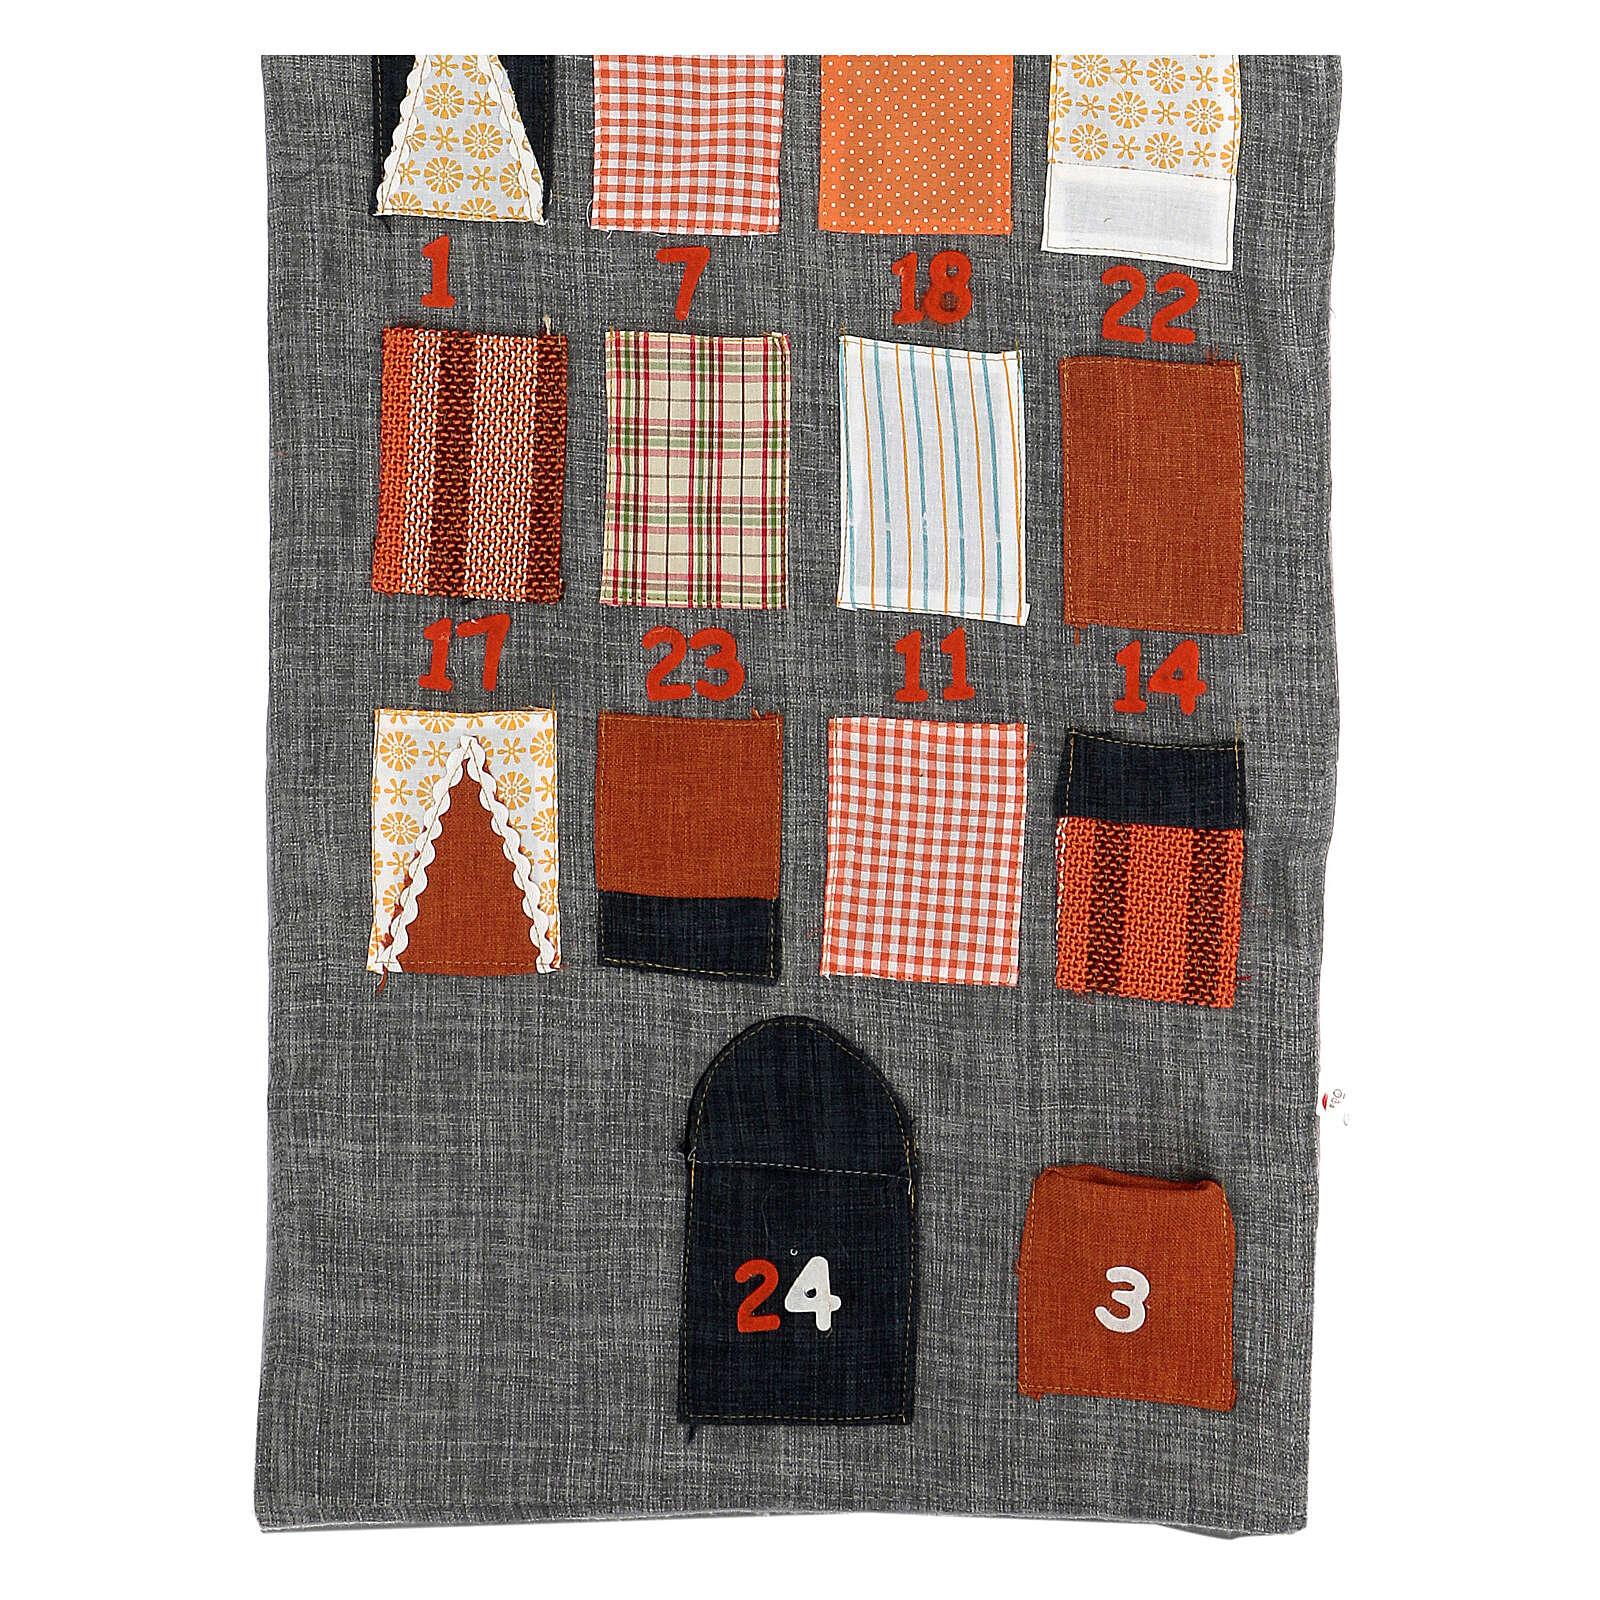 Advent Calendar House in cloth 3